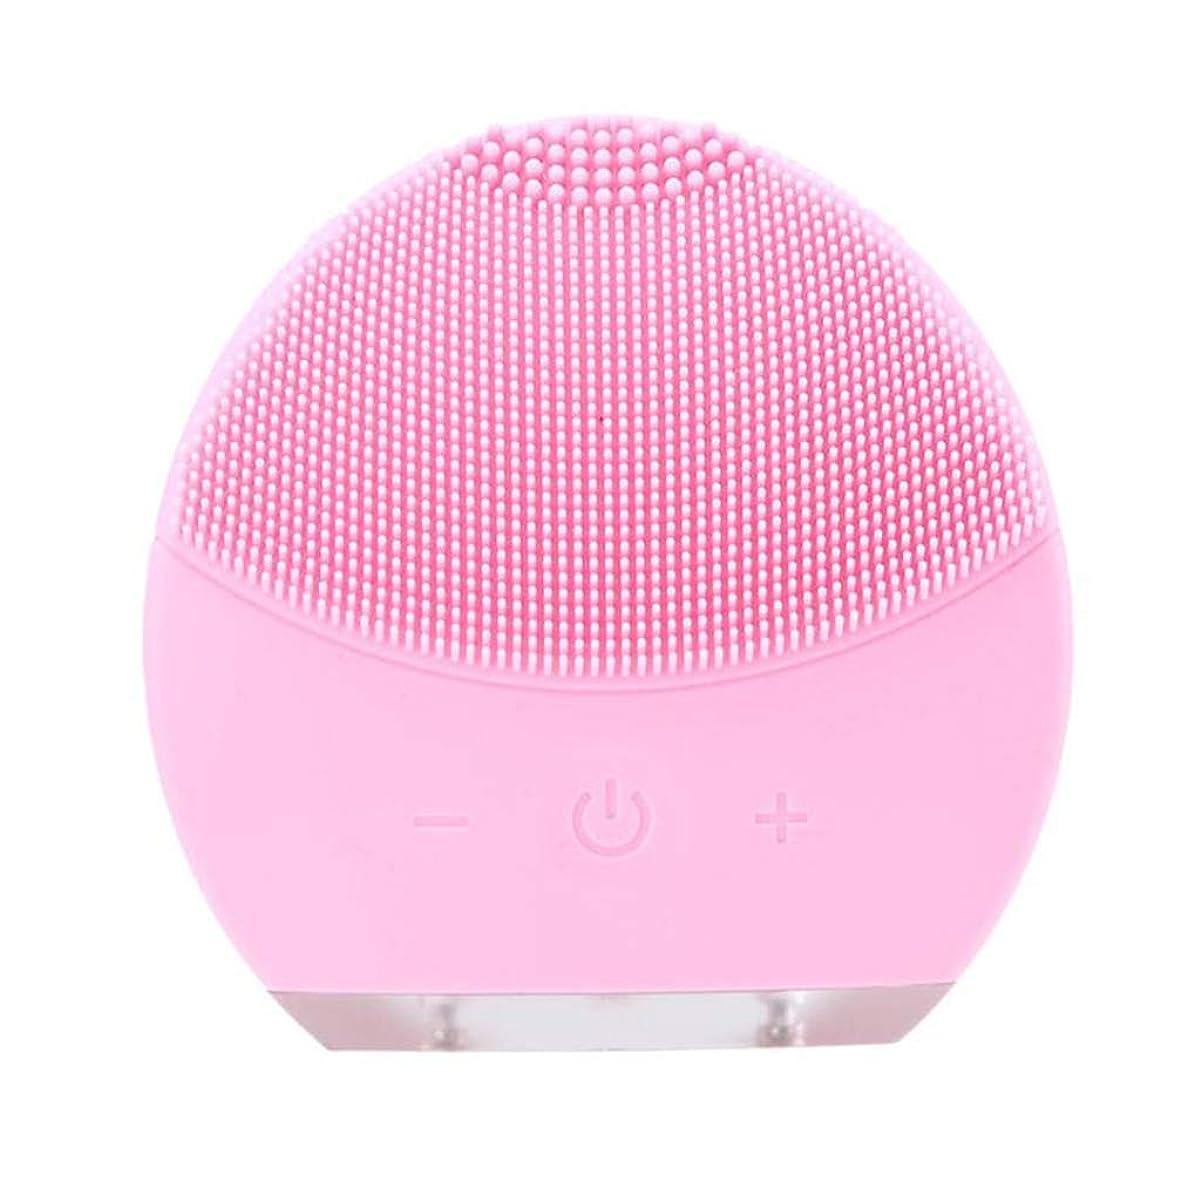 ディレイ変更強要超音波振動美容機器洗浄器、皮膚の毛穴を最小限に抑えるマイクロダーマブレーション毛穴、USB 充電と防水,Pink